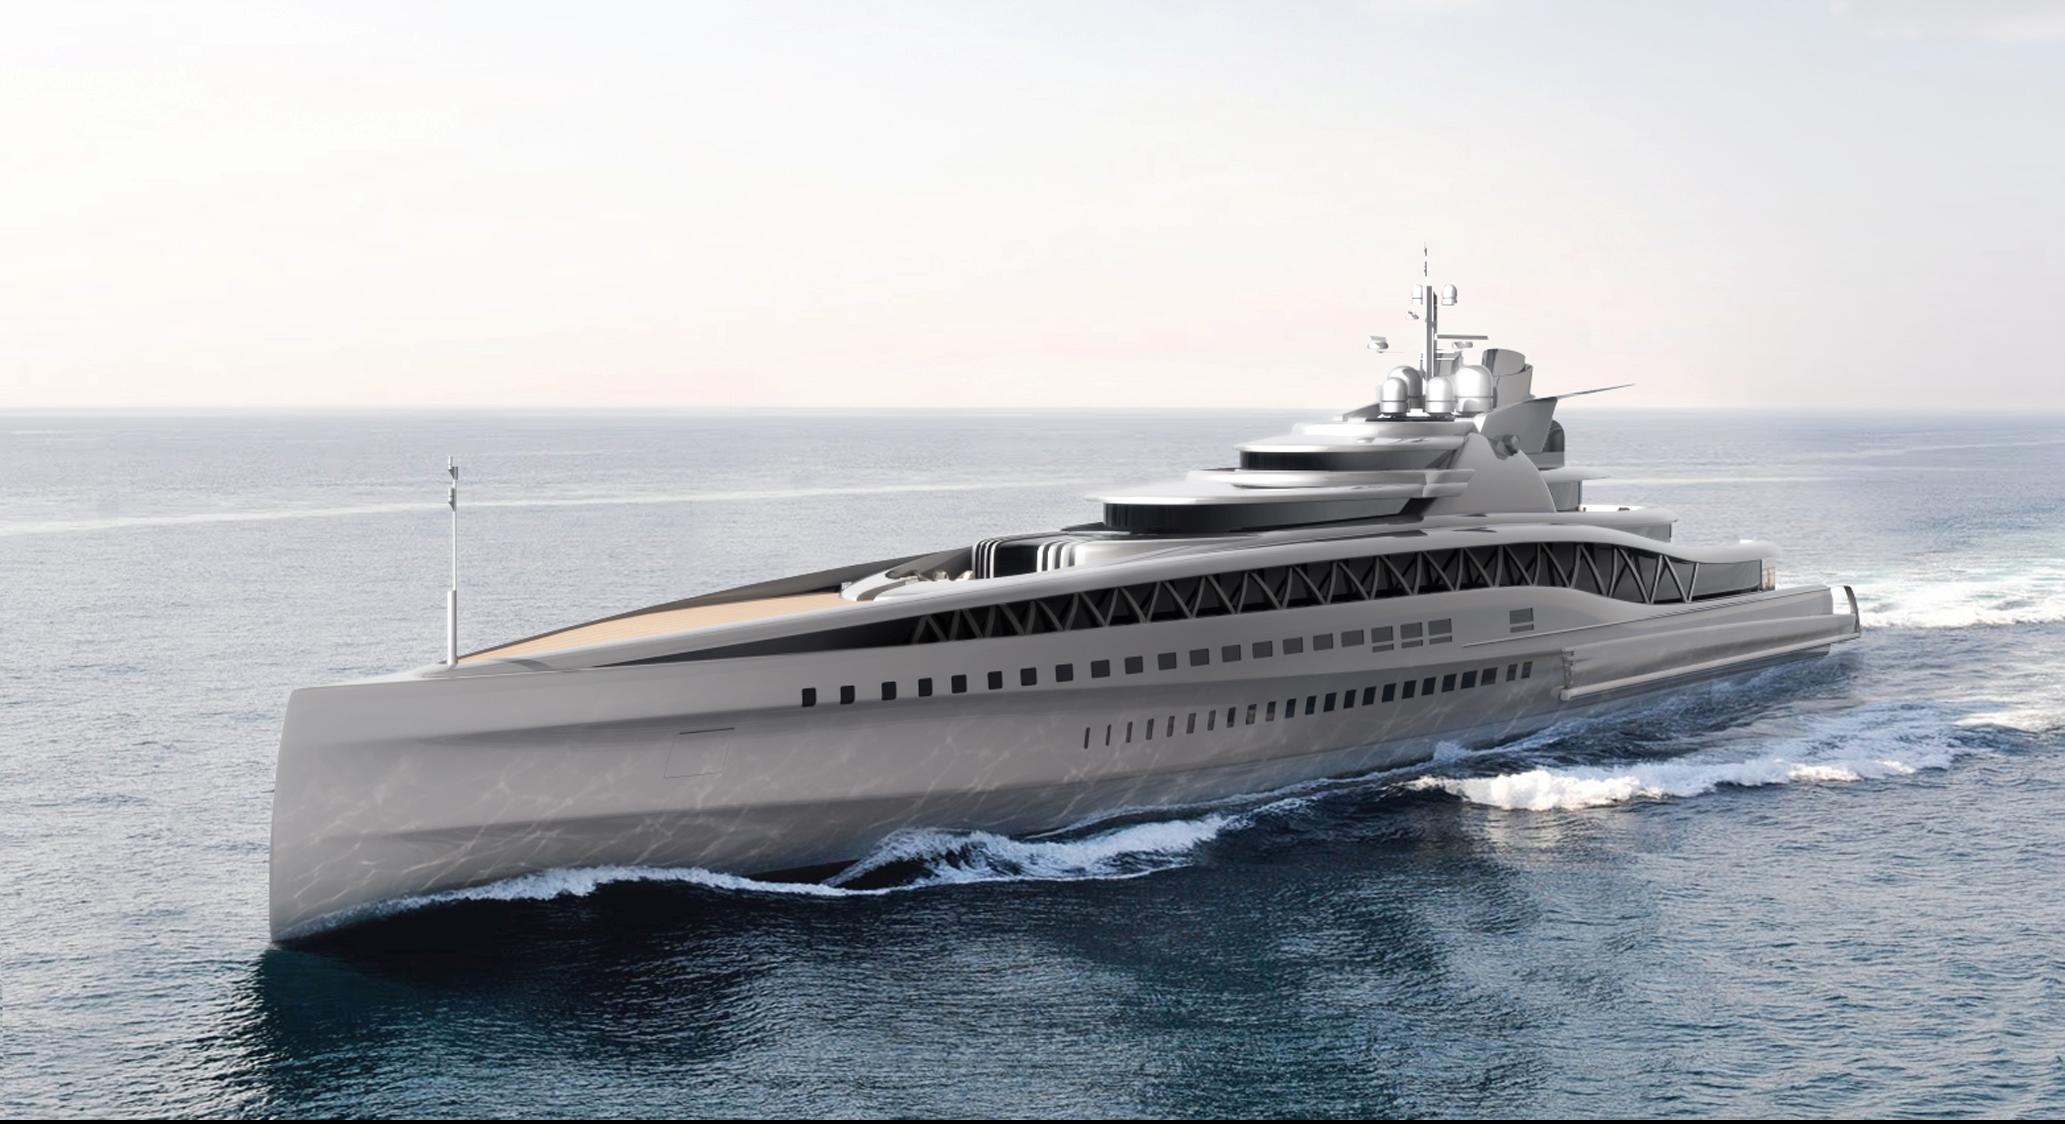 Fincantieri-145m-Fortissimo-superyacht-by-Ken-Freivokh-Design-2